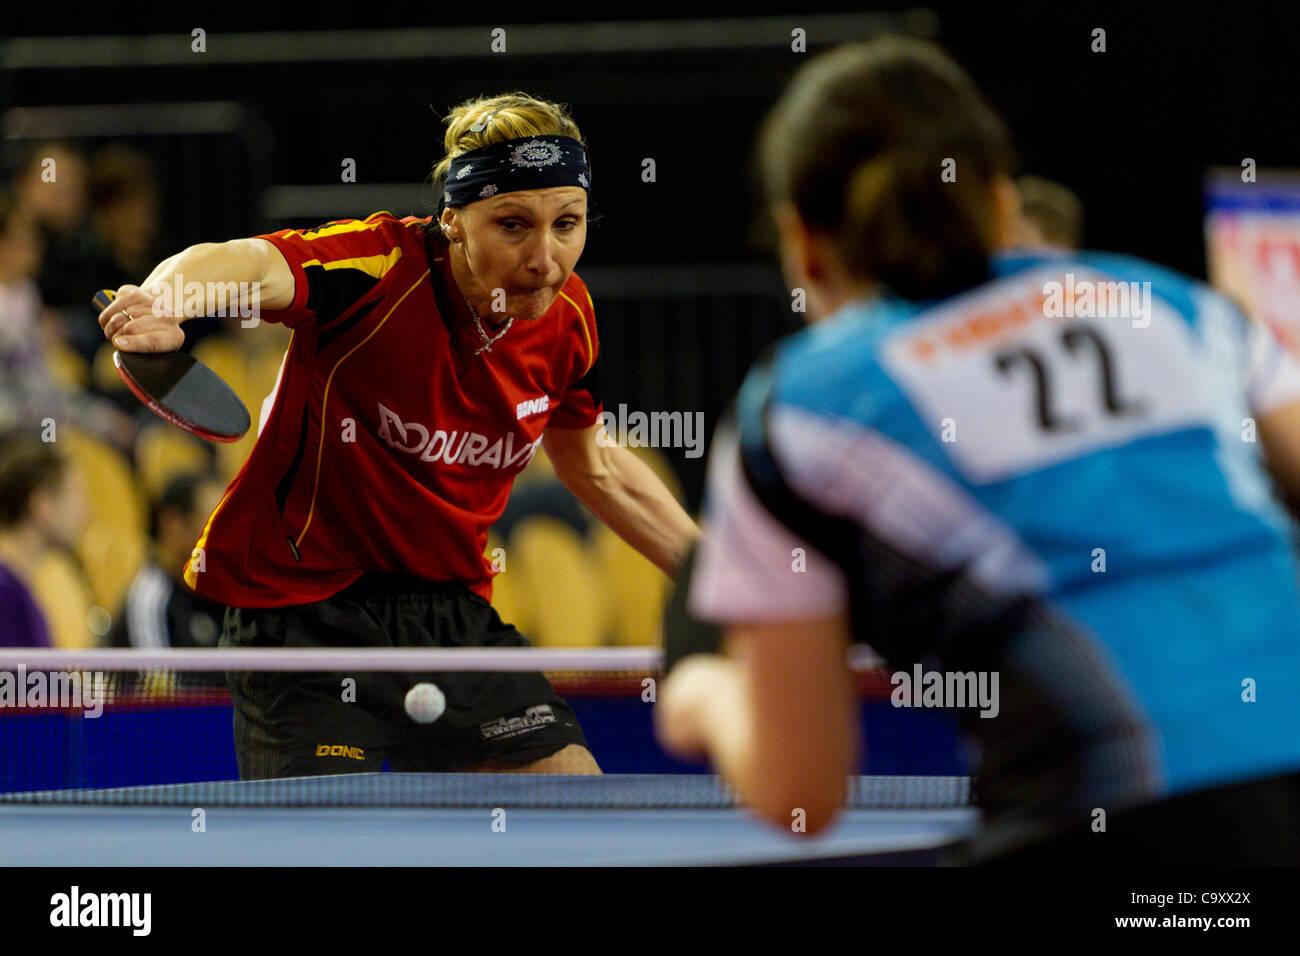 EINDHOVEN, Paesi Bassi, 03/03/2012. Ping-pong player Yana Timina (sinistra) vince la sua corrispondenza alla Dutch Immagini Stock